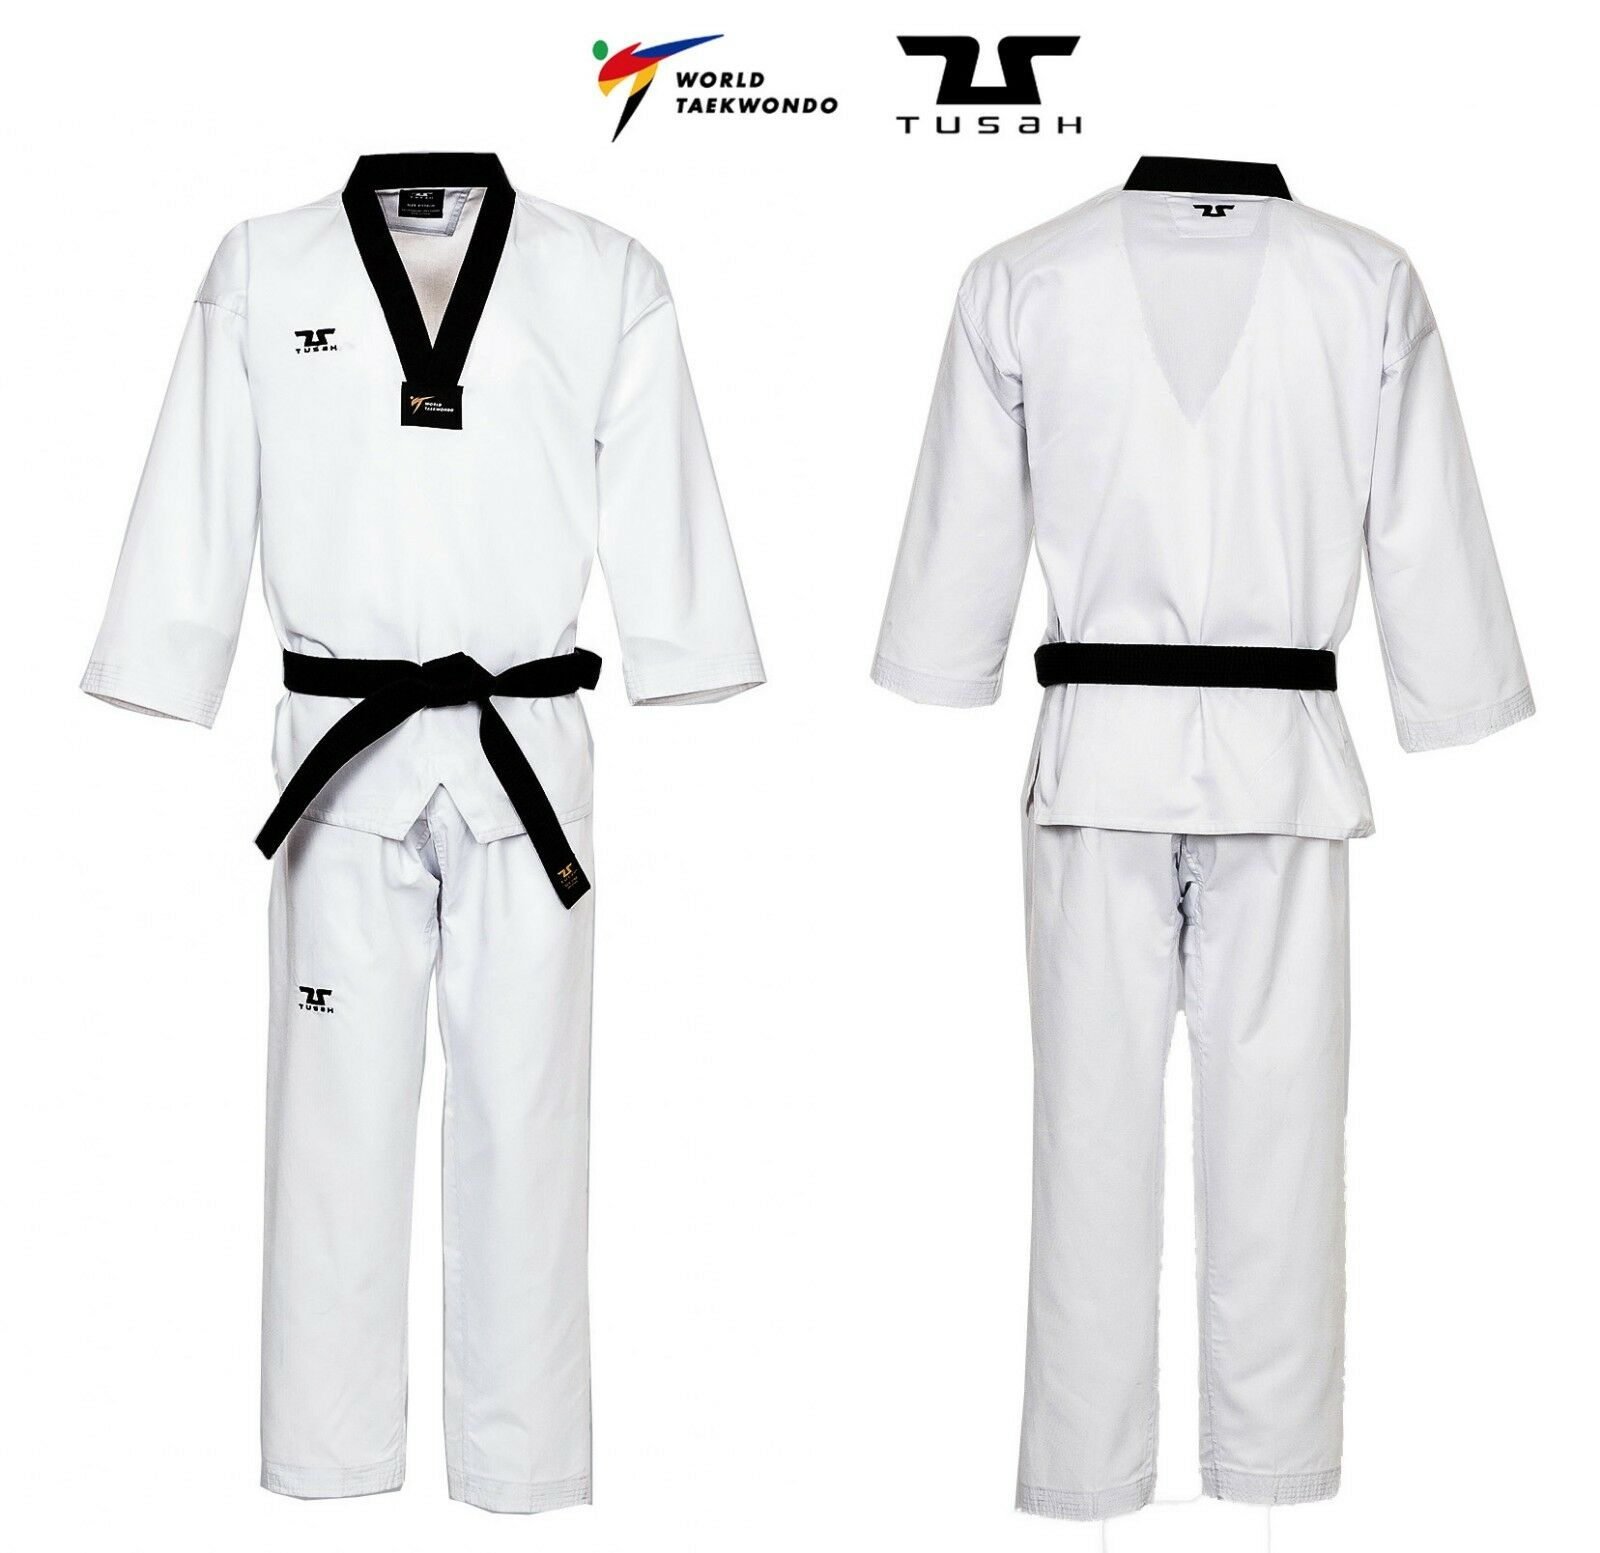 Tusah - Dobok Basic Uniform cololosvart per Taekwondo Omologato WTF i polybomull